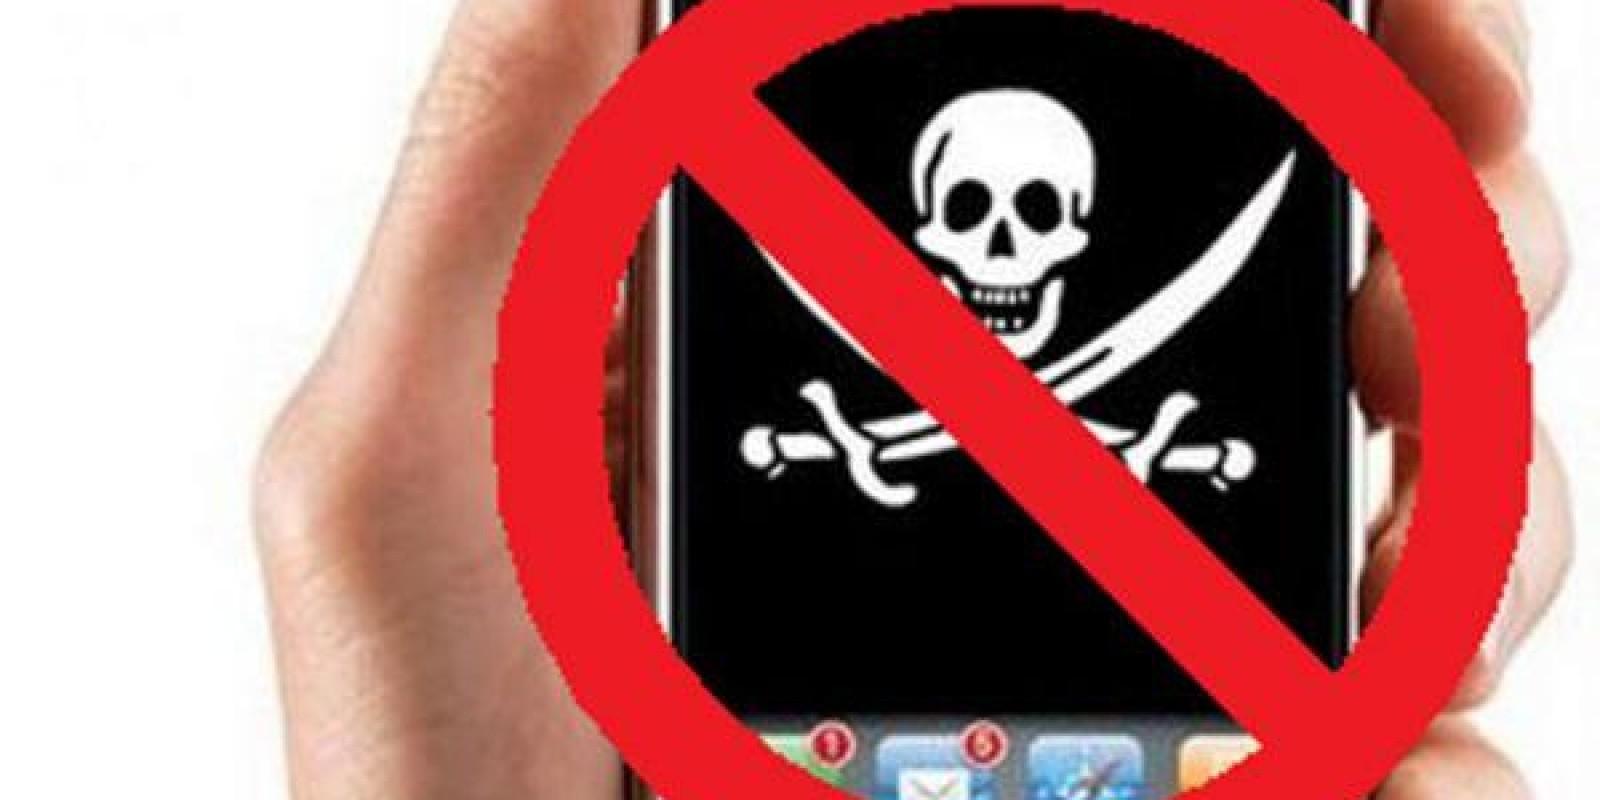 Anatel começa a bloquear celular pirata a partir de maio de 2018